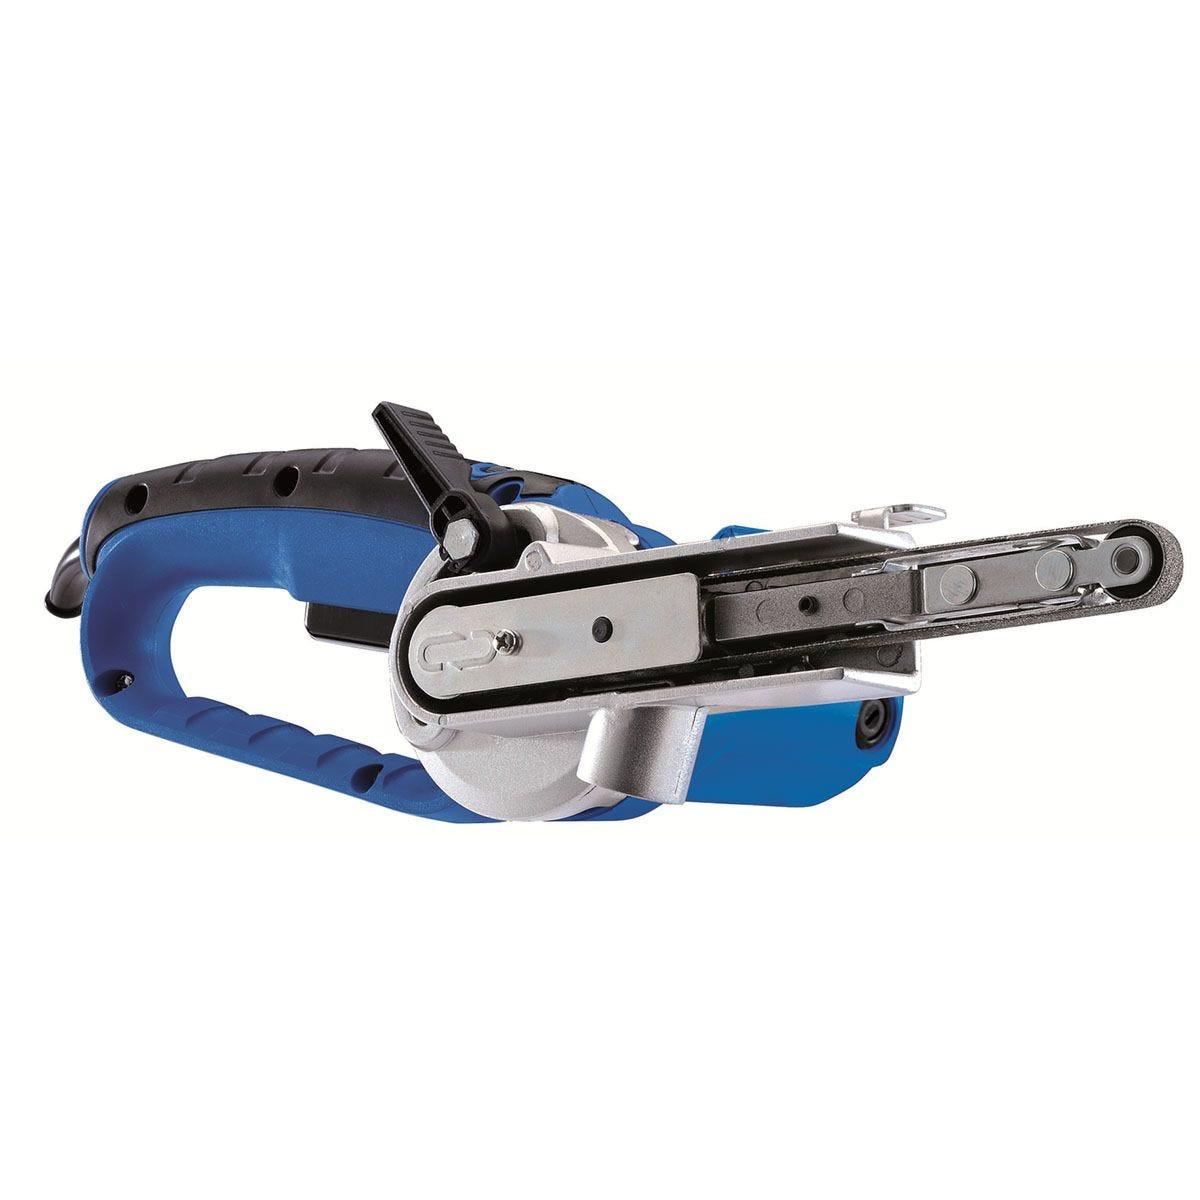 Draper 13mm Mini Belt Sander (400W) - Blue